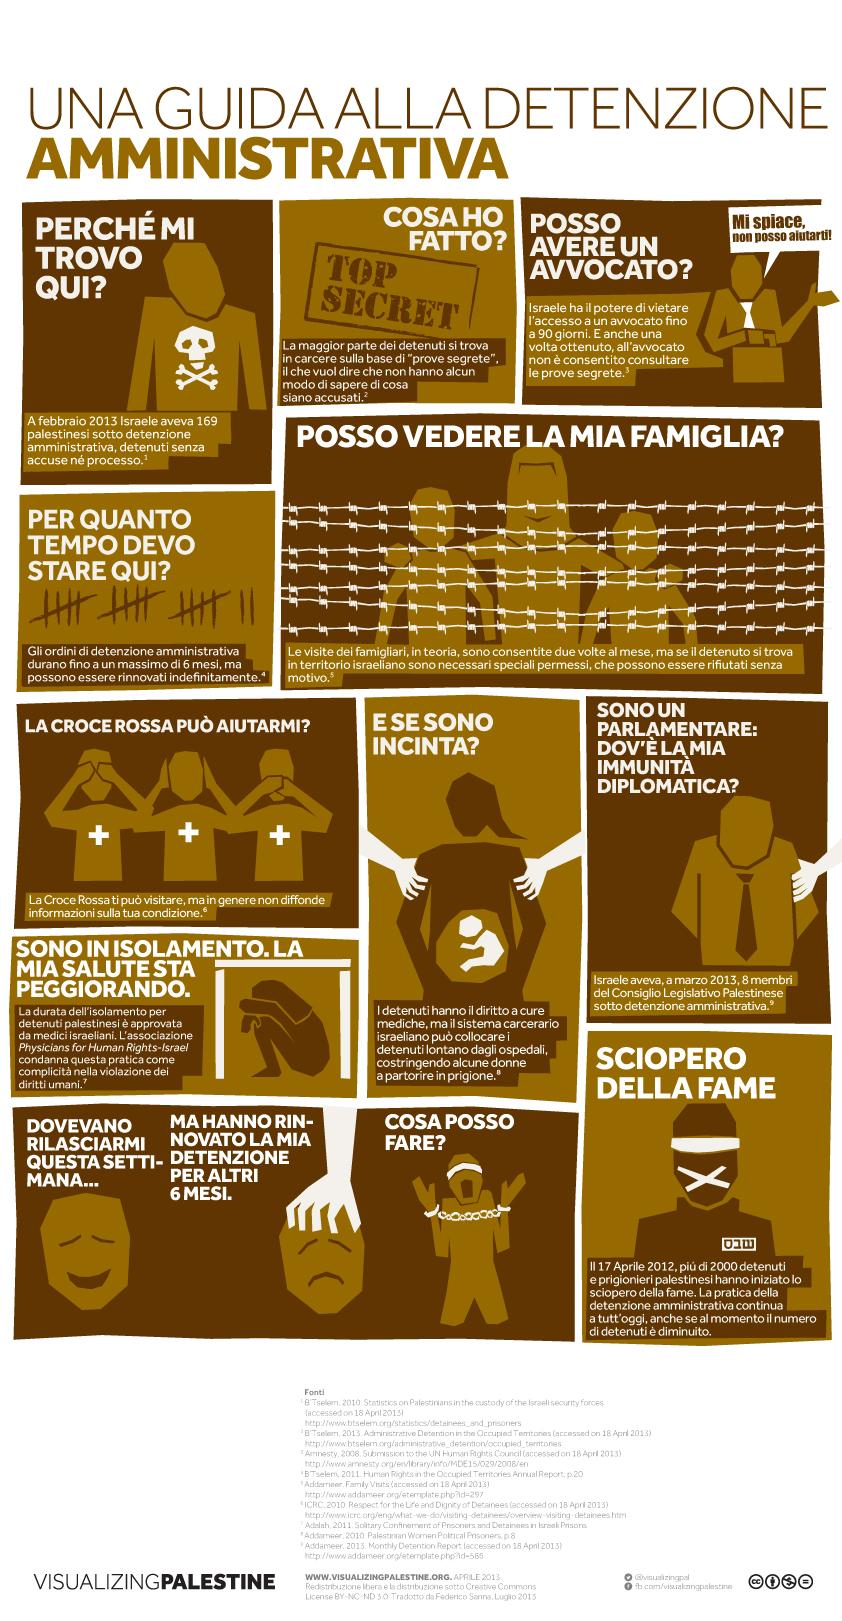 Una guida a alla detenzione amministrativa